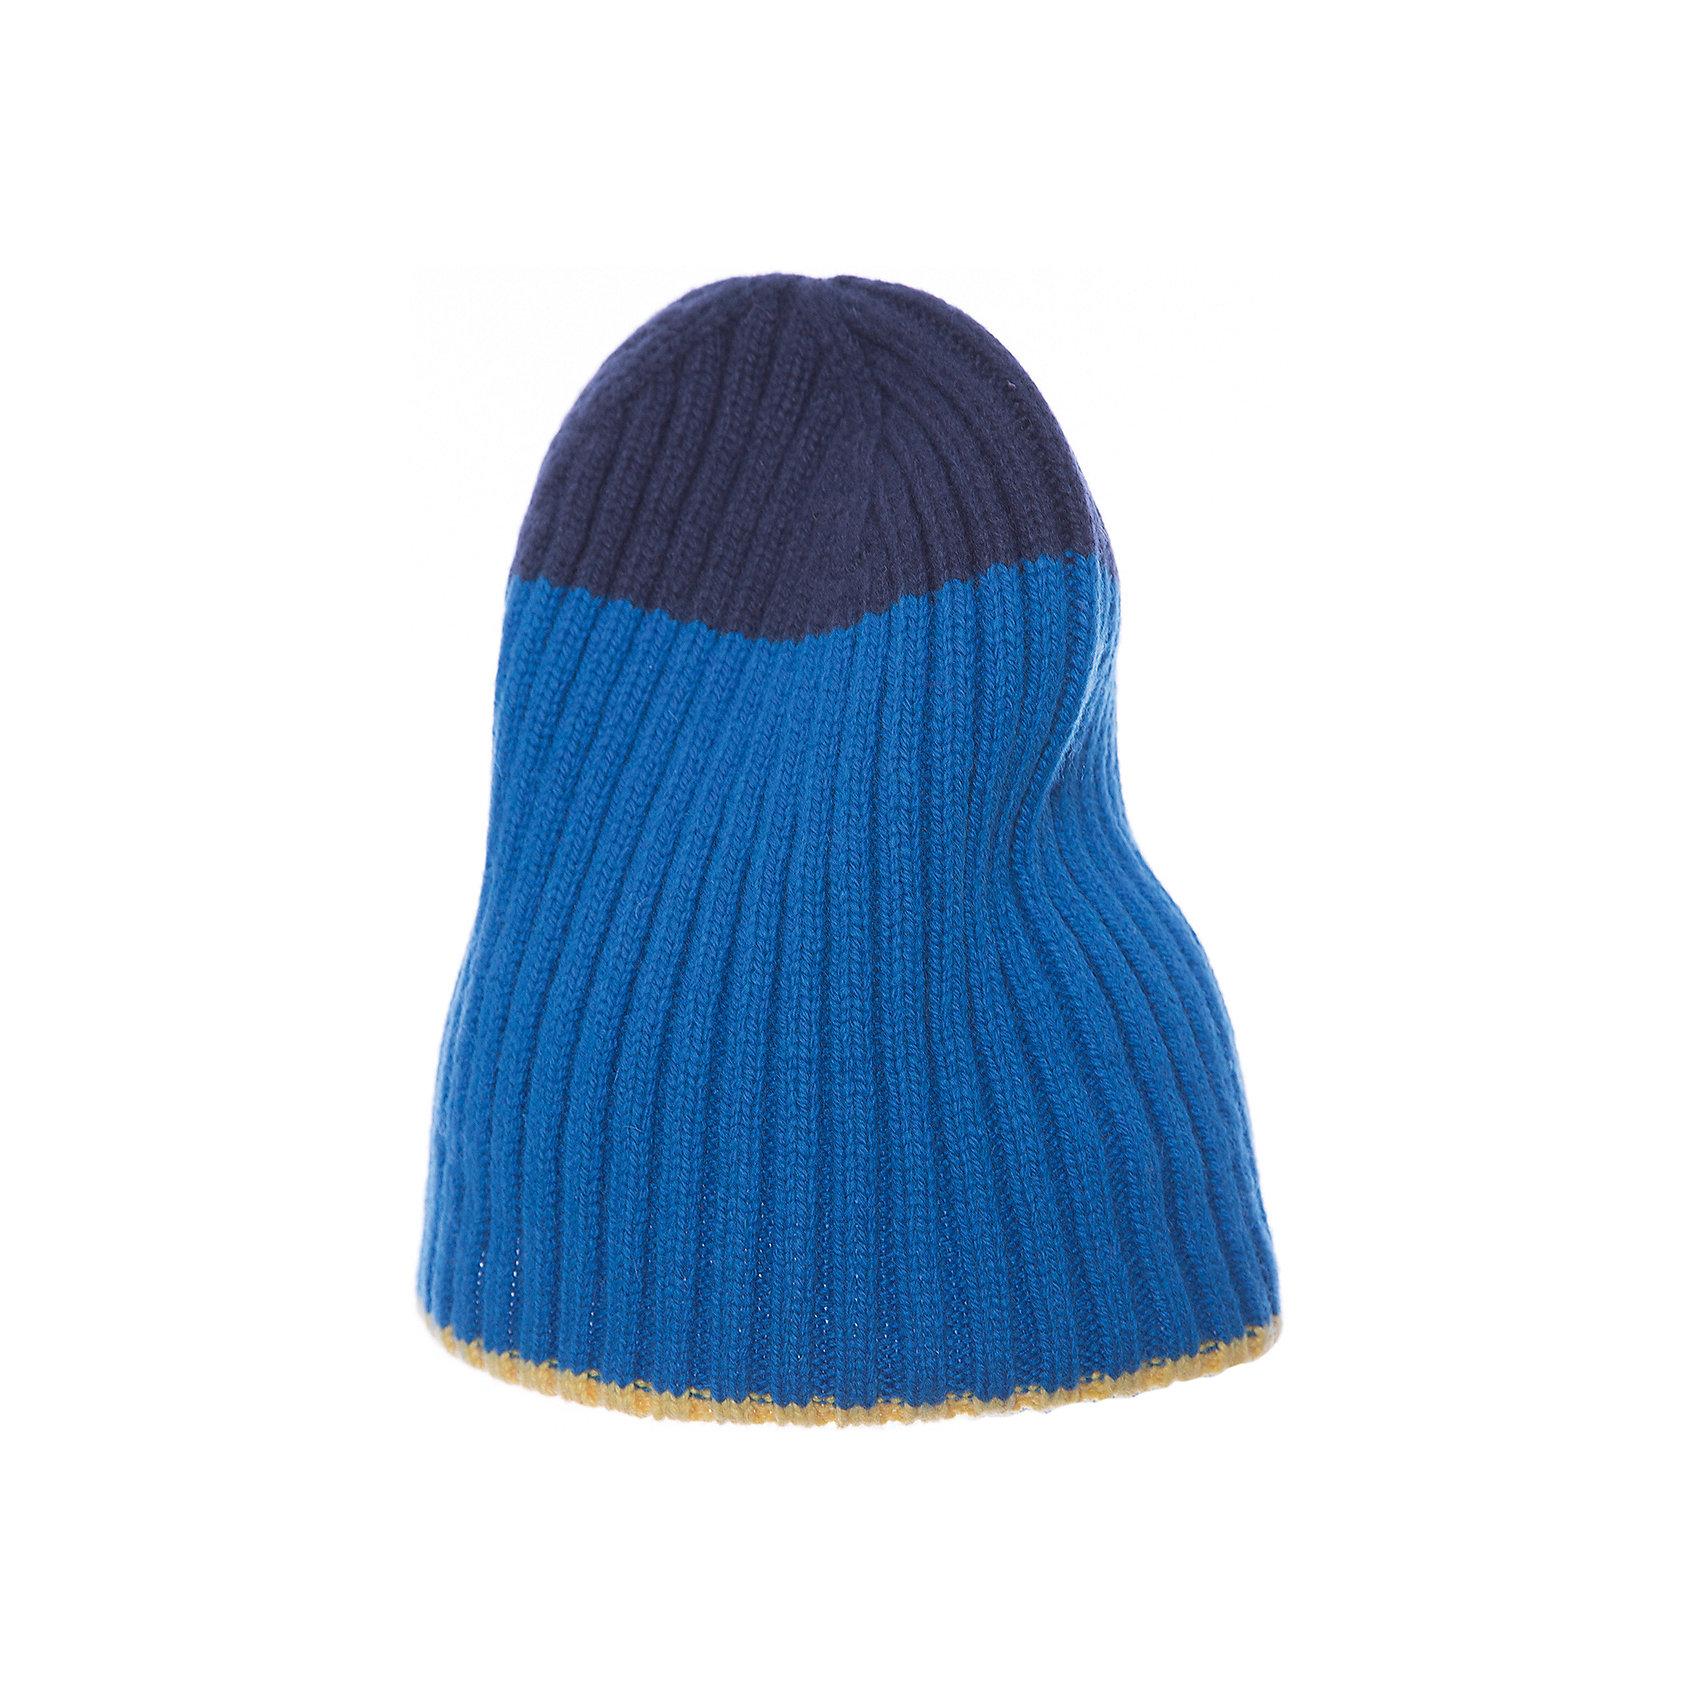 Шапка Gulliver для мальчикаГоловные уборы<br>Шапка Gulliver для мальчика<br>Синяя шапка из флиса - гарантия тепла и отличного настроения! Мягкая, уютная, комфортная, эта шапка - образец того, какими должны быть детские шапки для прохладной погоды. Изюминка модели в крупном интересном декоре, придающем шапке индивидуальные черты.<br>Состав:<br>100% полиэстер<br><br>Ширина мм: 89<br>Глубина мм: 117<br>Высота мм: 44<br>Вес г: 155<br>Цвет: белый<br>Возраст от месяцев: 72<br>Возраст до месяцев: 84<br>Пол: Мужской<br>Возраст: Детский<br>Размер: 54,52<br>SKU: 7077109